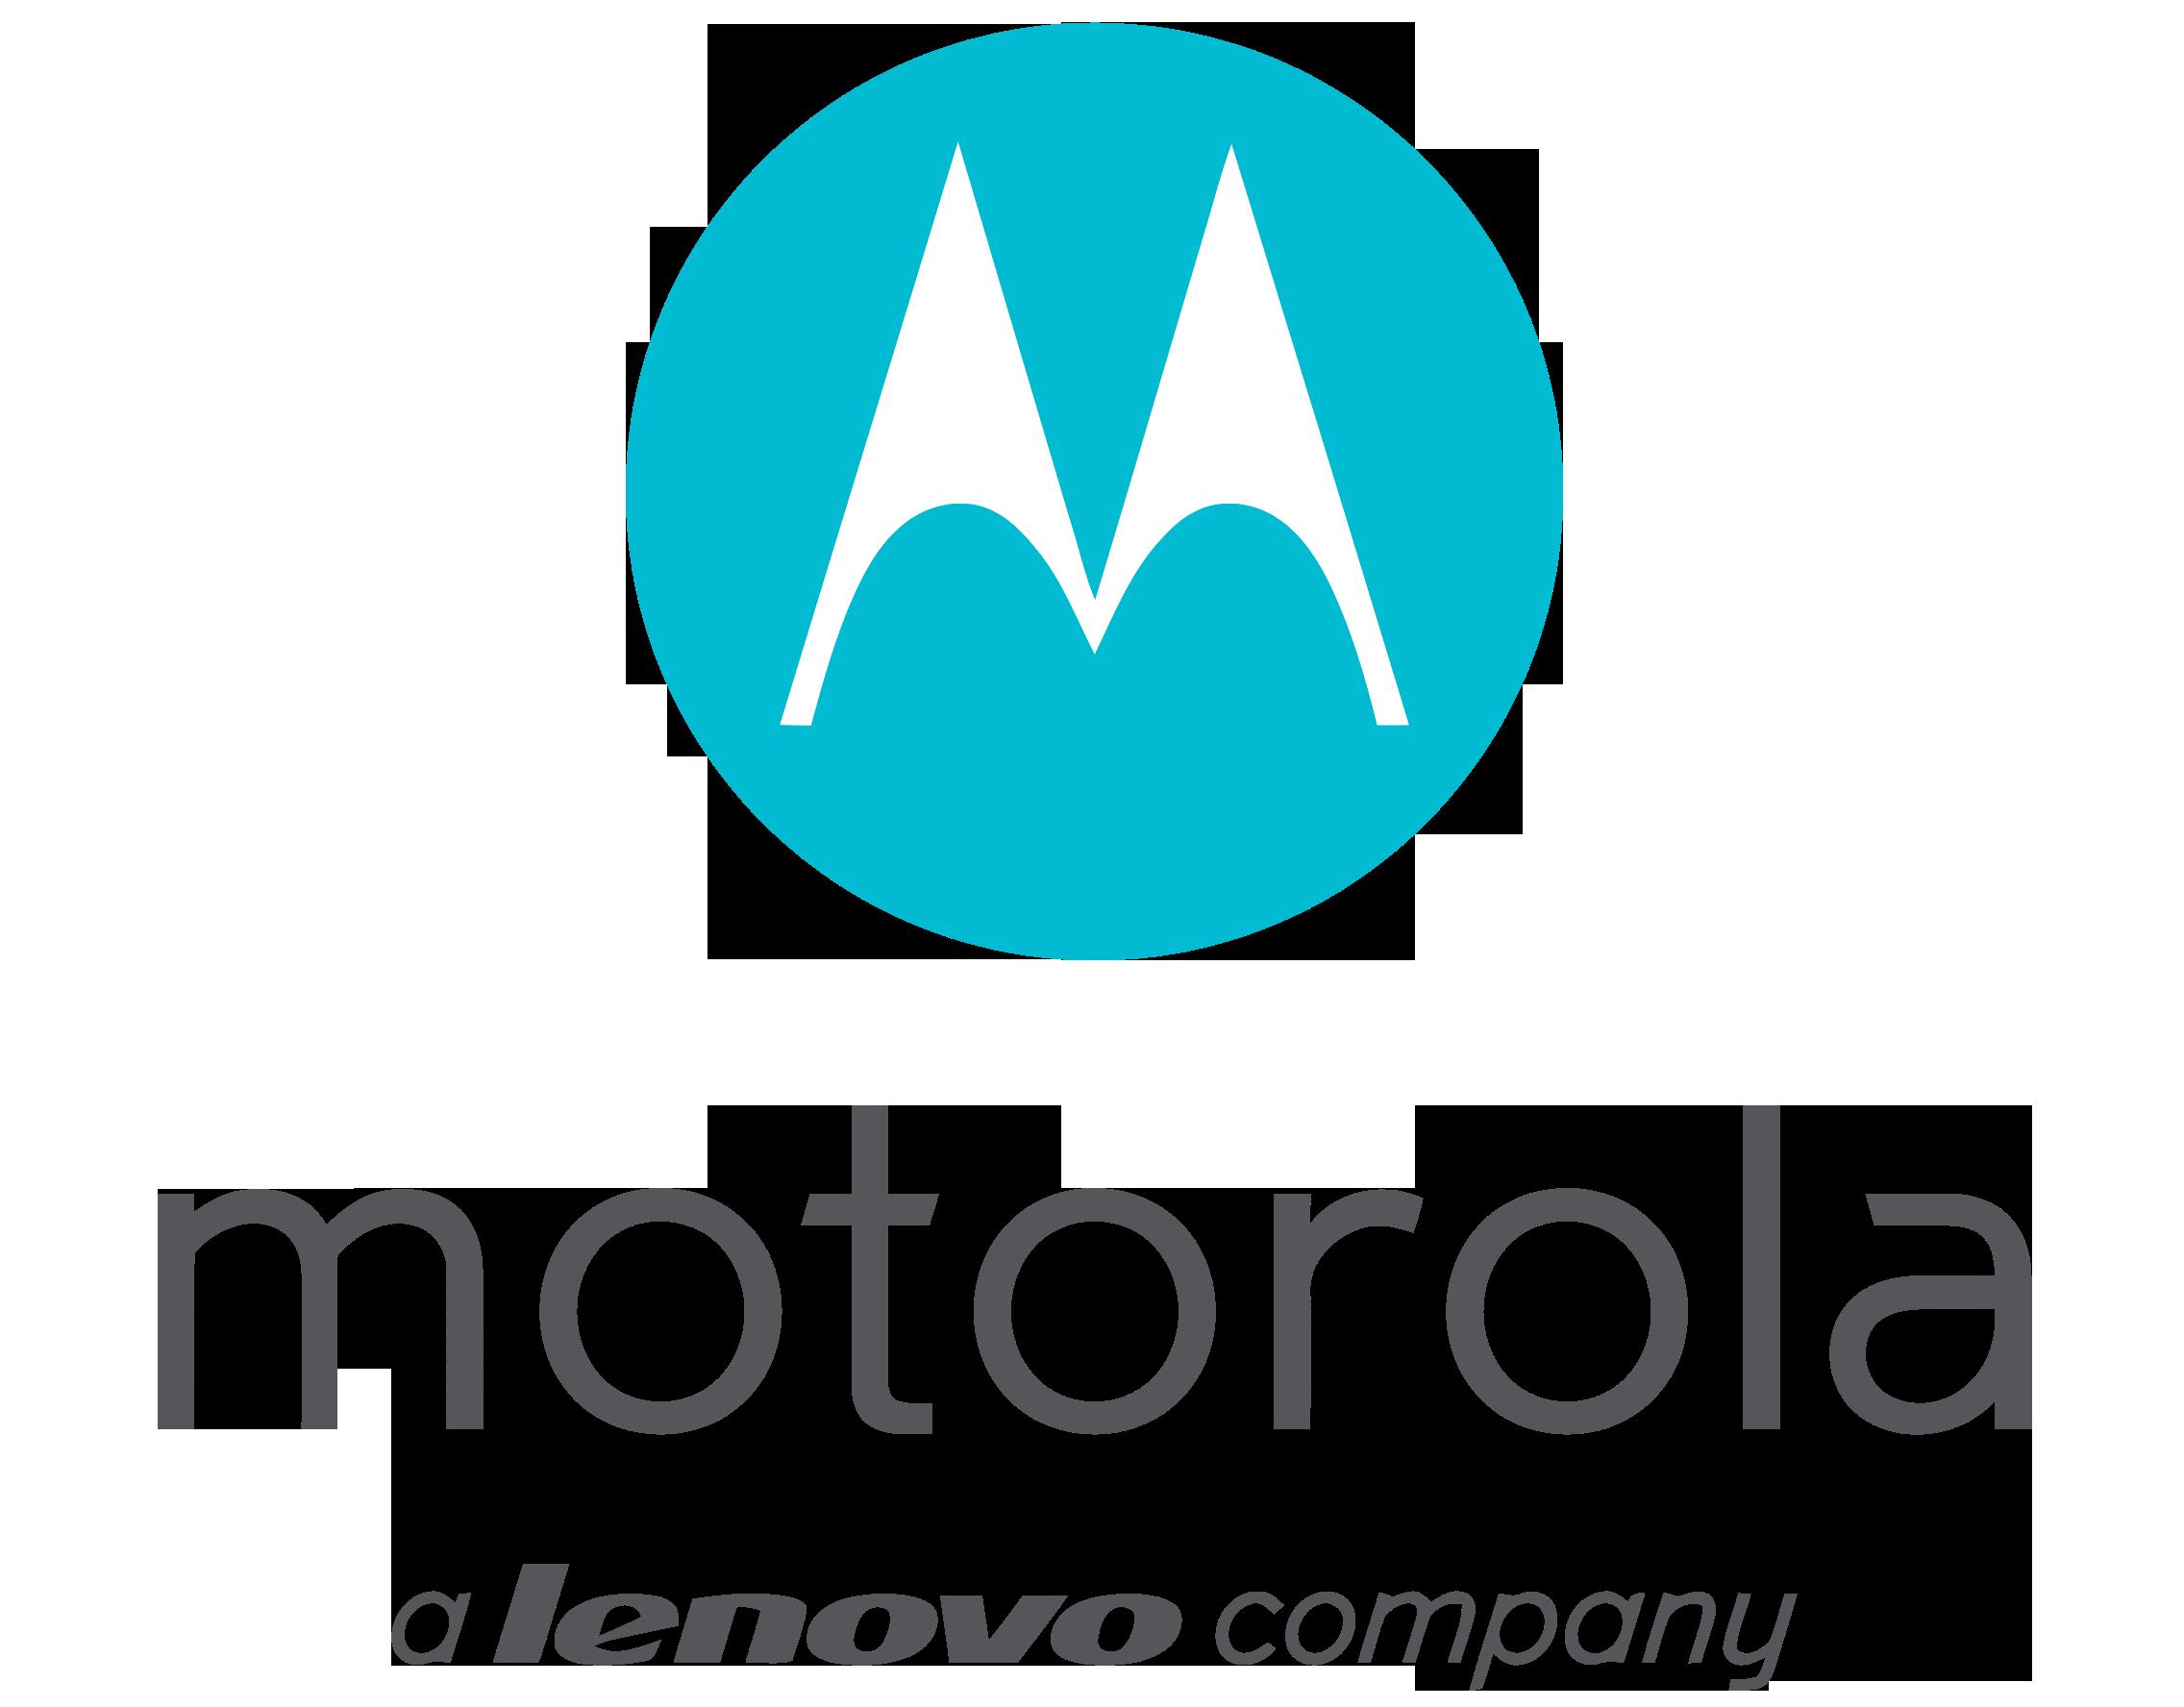 Motorola chystá bezrámečkový mobil s flexibilním OLED displejem